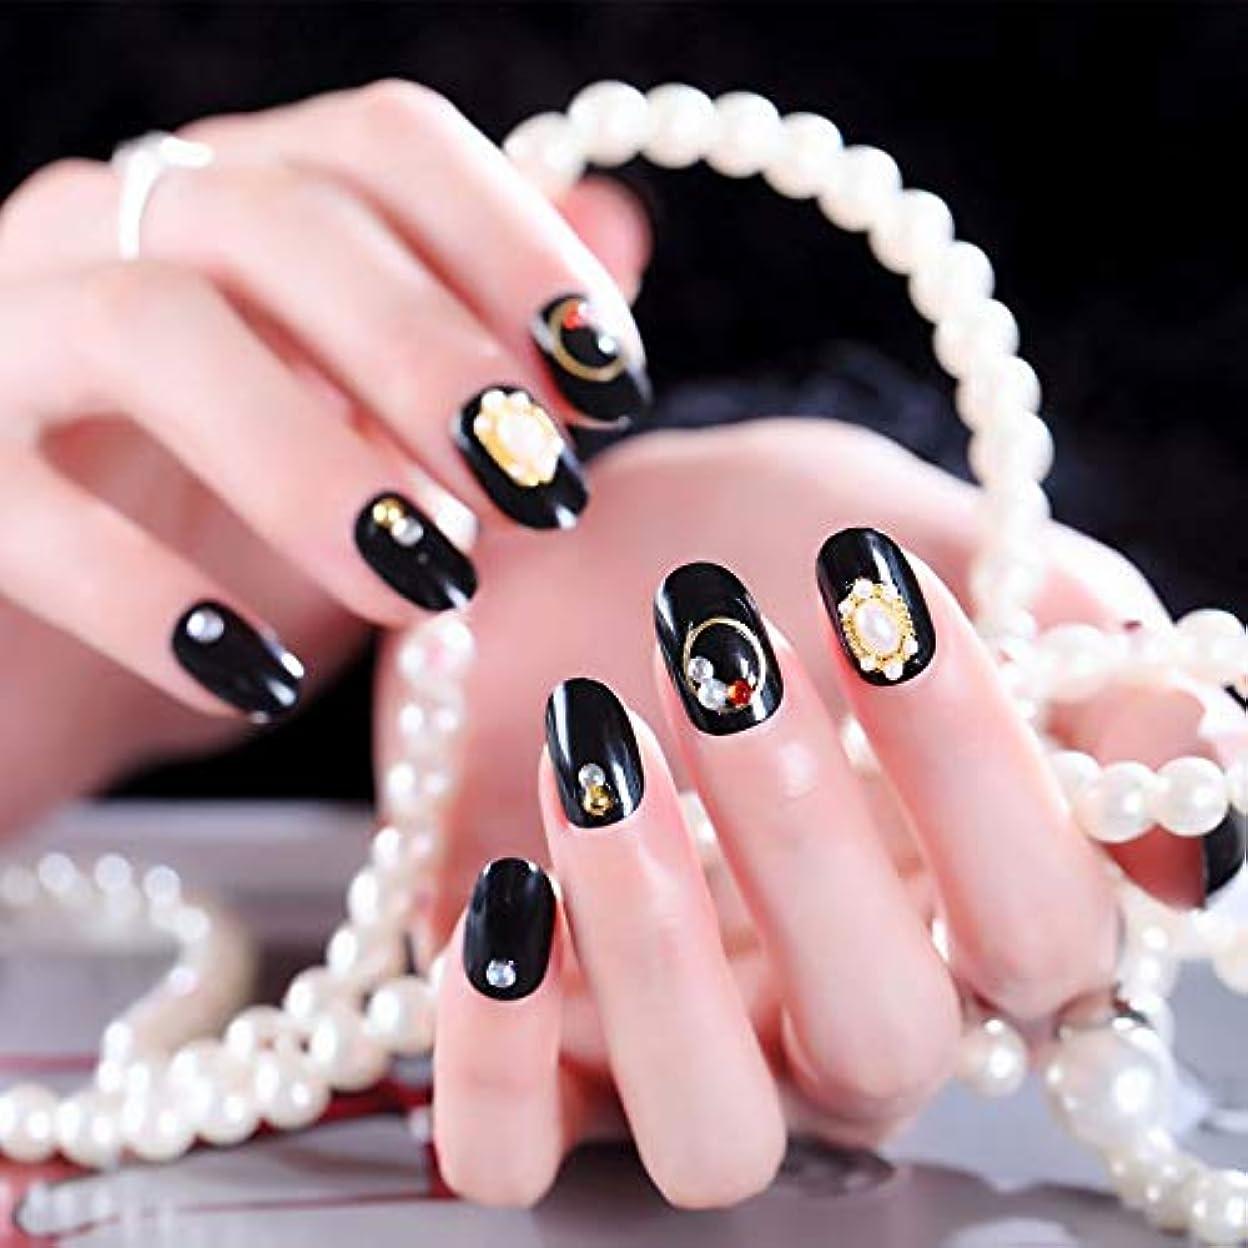 魅惑するステーキコメント花嫁ネイル ヌードカラー3Dネイルチップ 原宿 和風 夢幻 手作りネイルチップ 可愛い 優雅ネイル 結婚式、写真を撮る、パーティー、二次会などに メタルリング 真珠 装飾 24枚入 (ブラック)